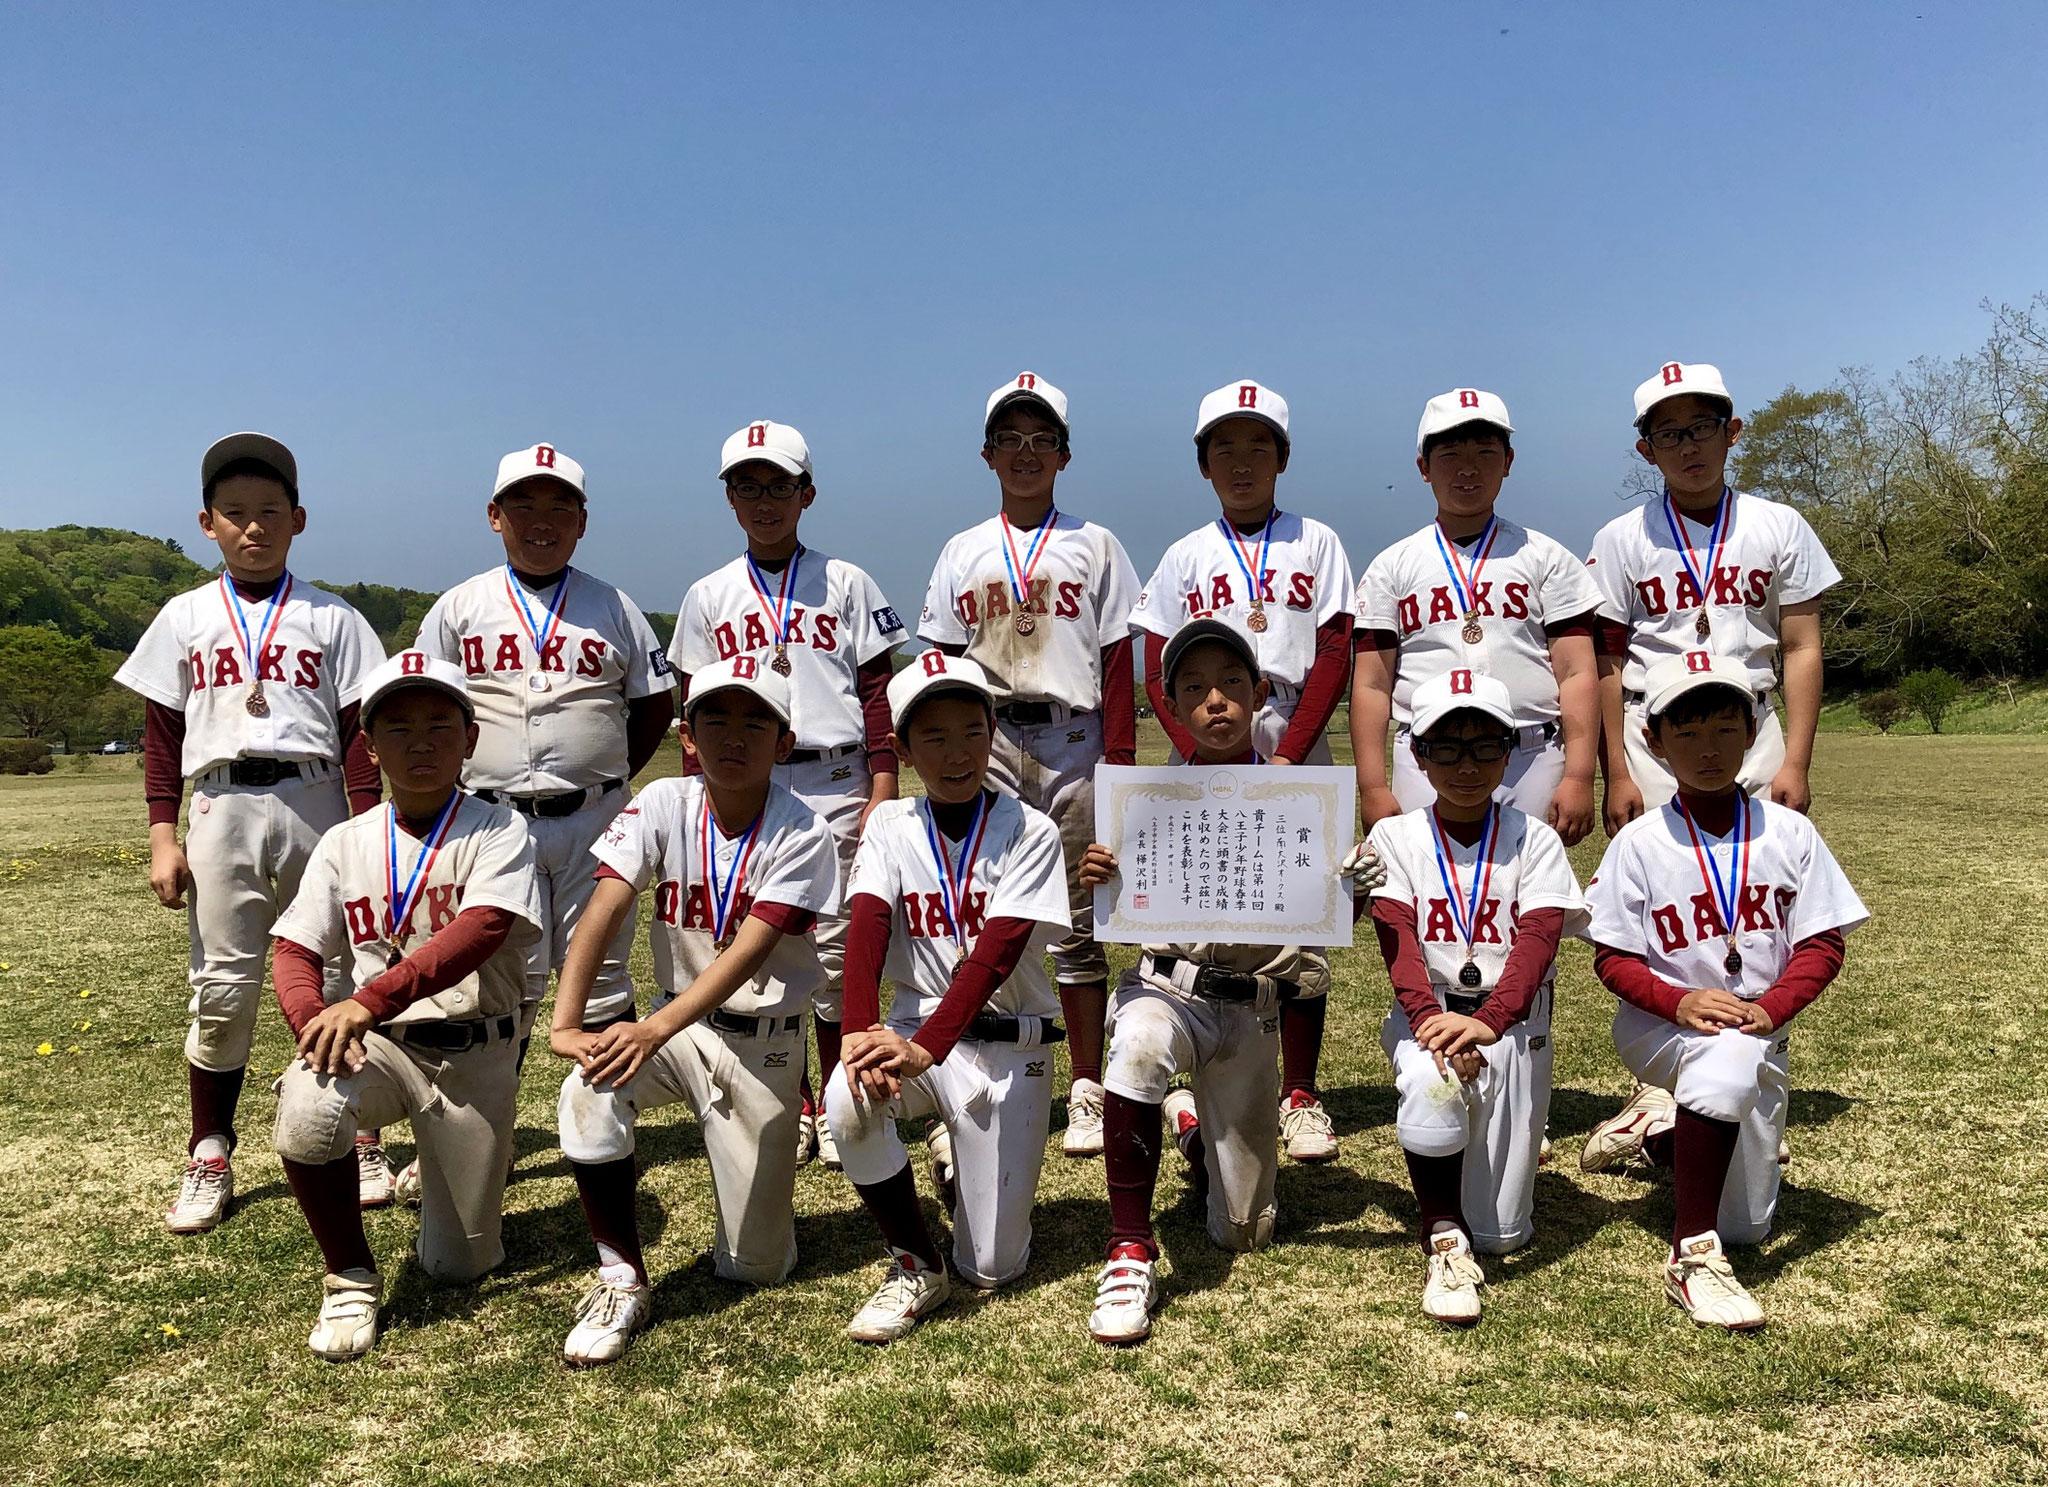 第44回 八王子市少年軟式野球春季大会  第三位 南大沢オークス 2019年4月20日